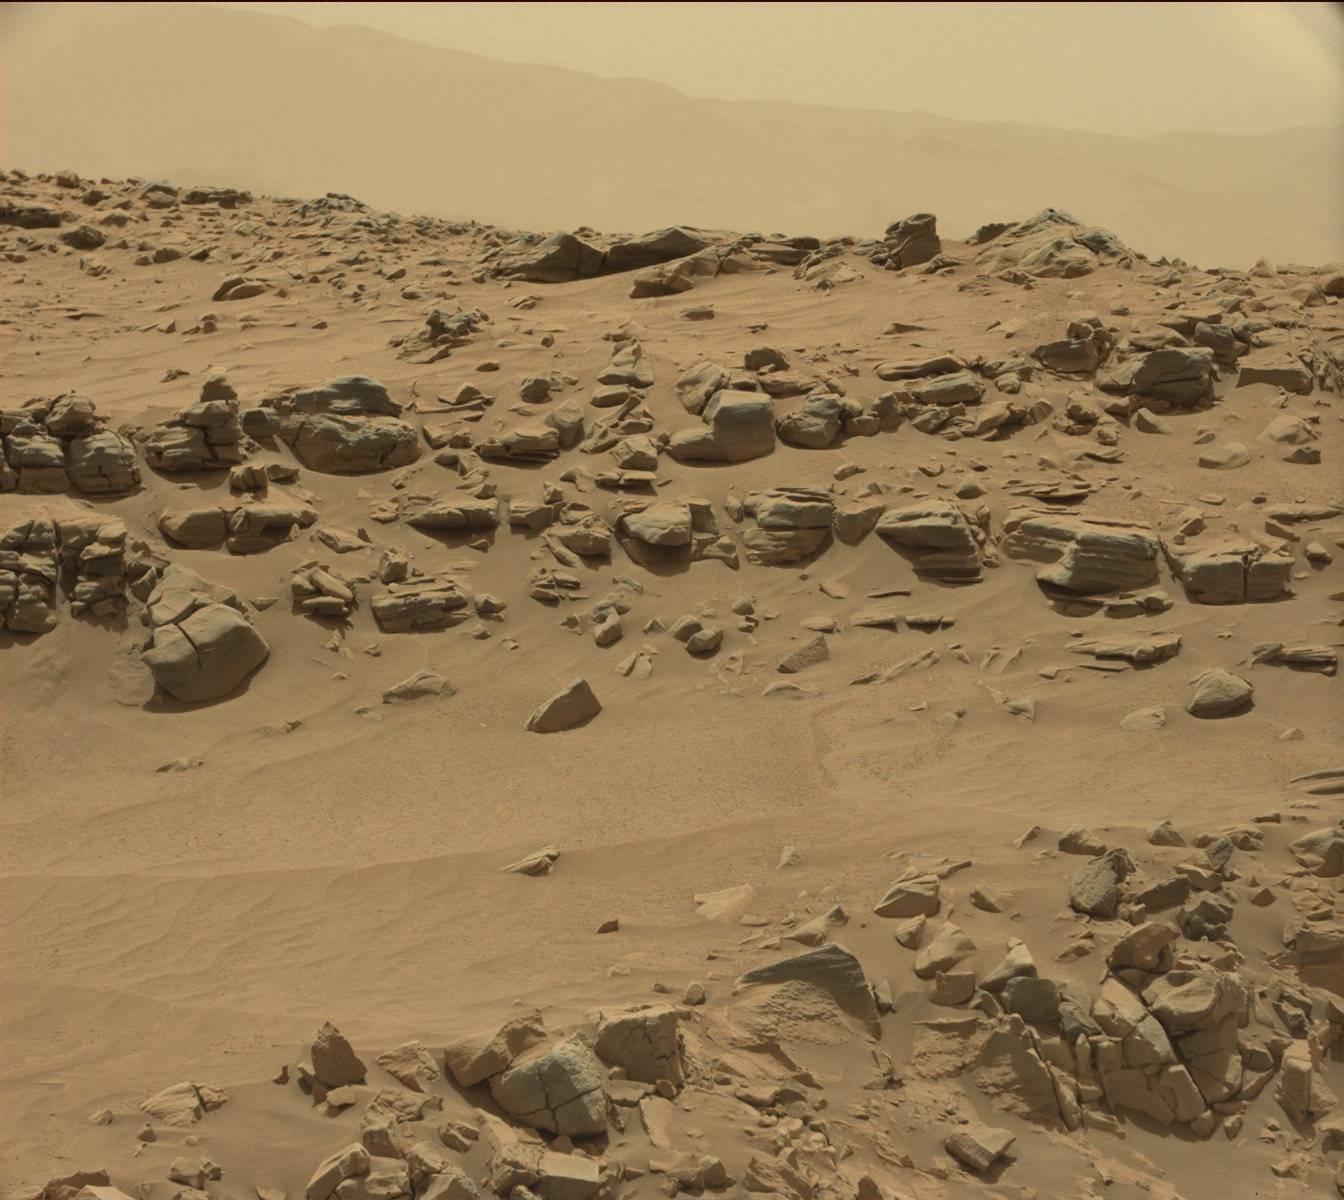 Марс фото аномалий